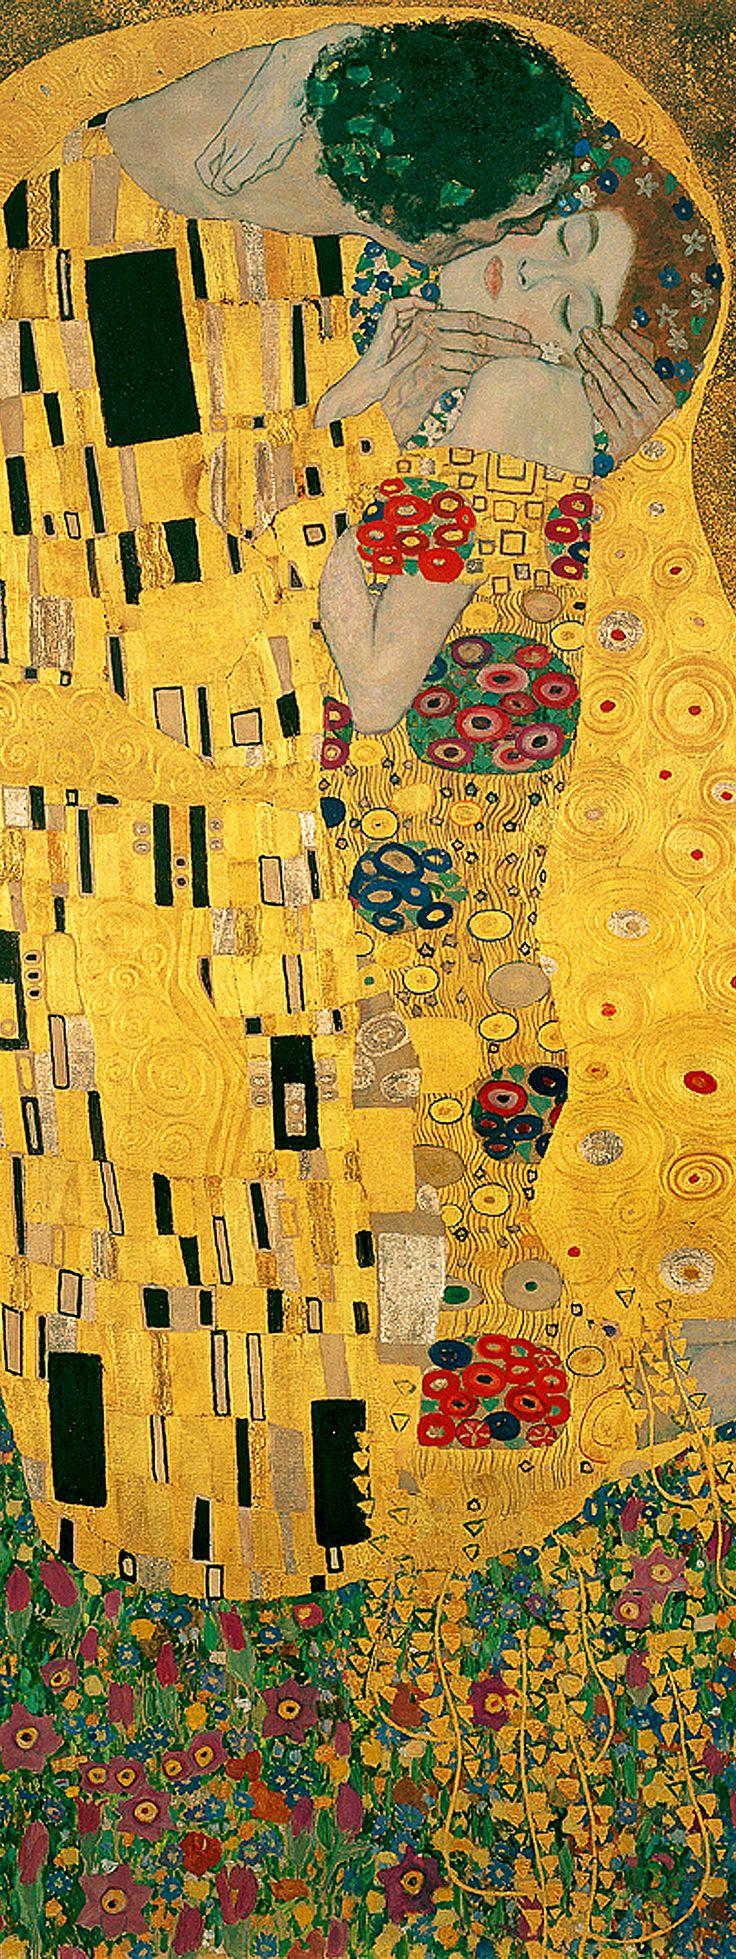 Gustav Klimt 'The Kiss' detail, between 1907-08 Österreichische Galerie Belvedere, Vienna